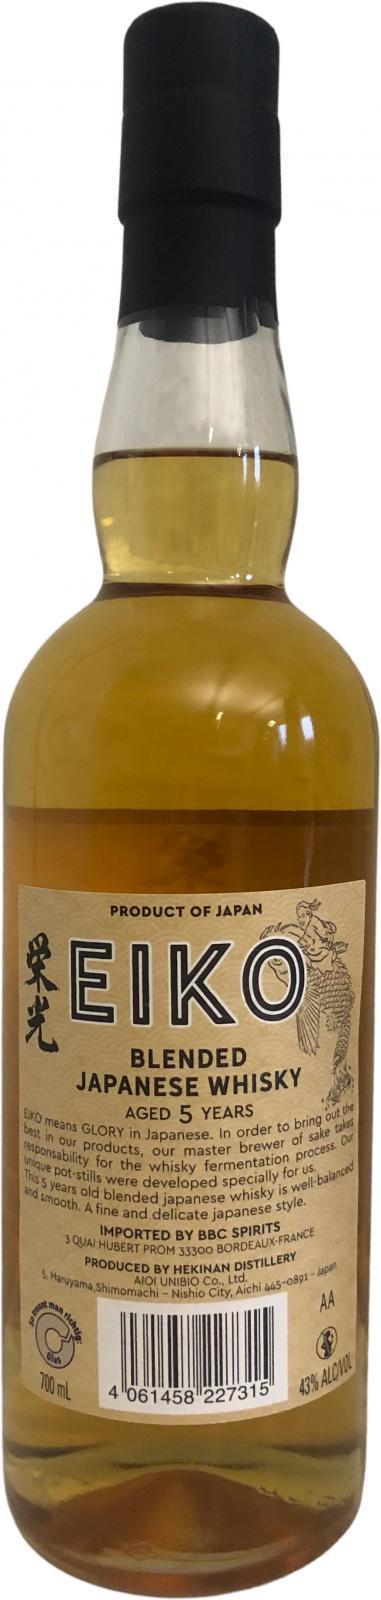 Eiko 05-year-old